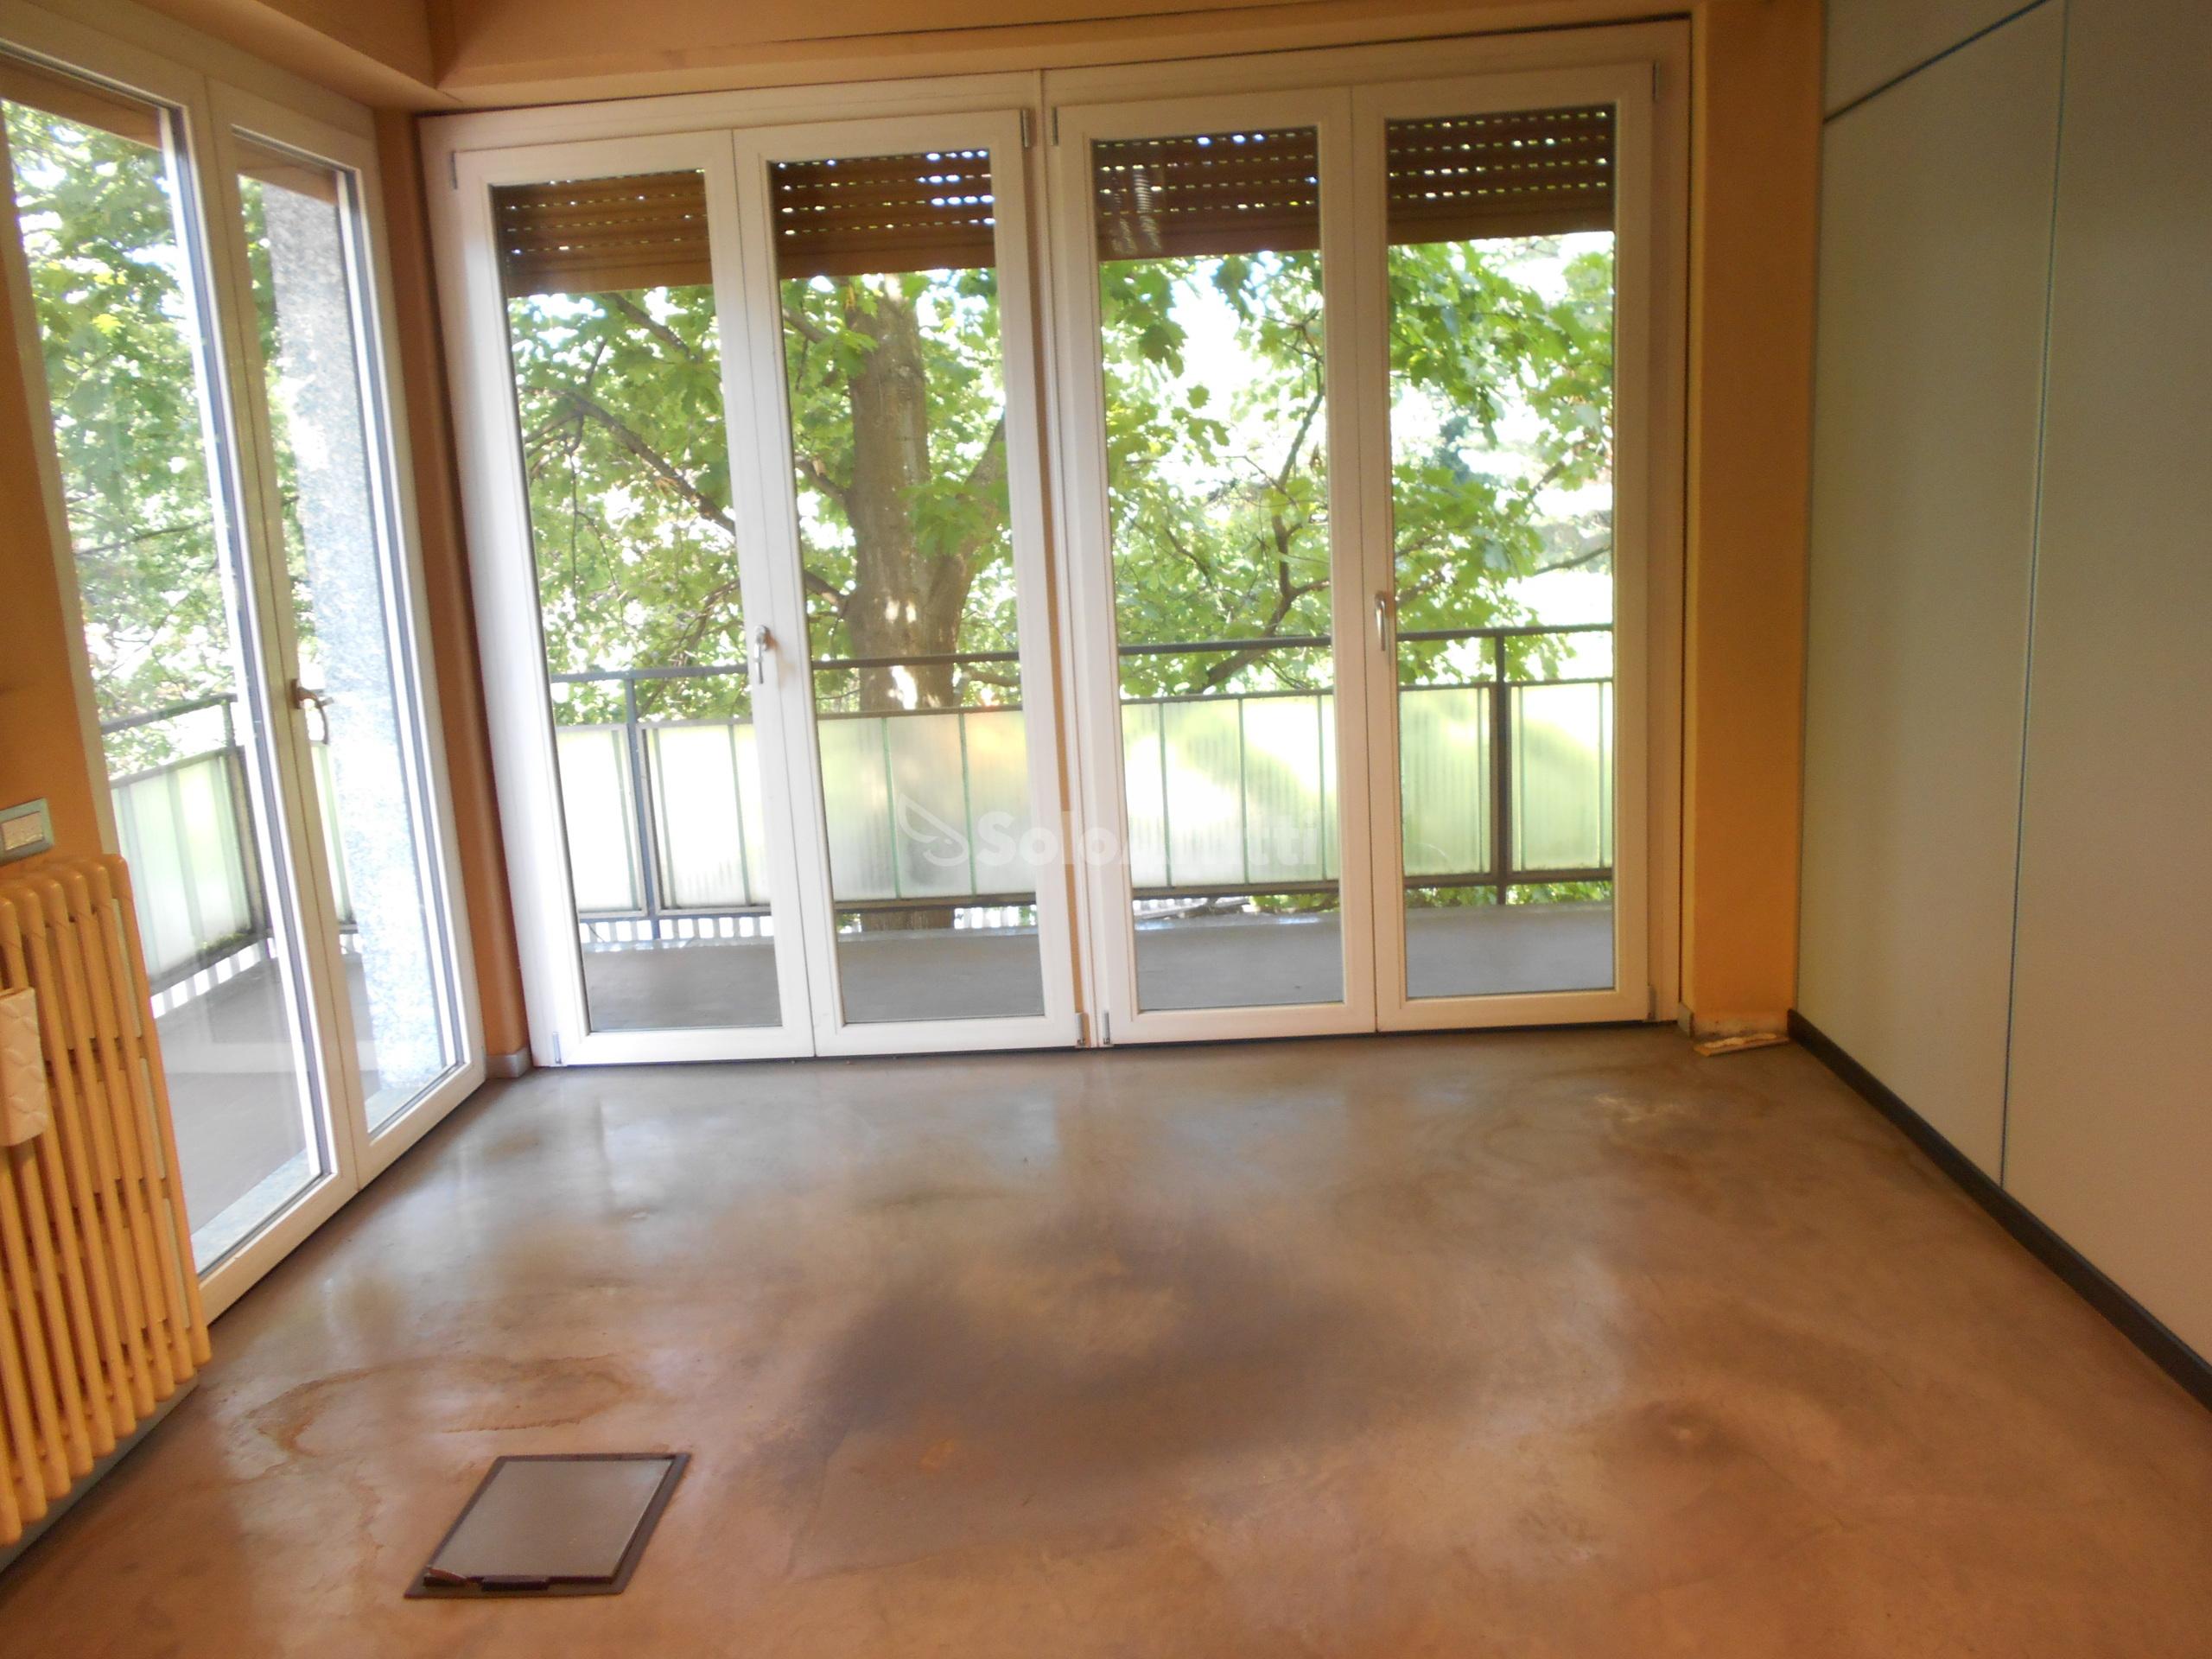 ufficio 1 piano 3 foto.JPG